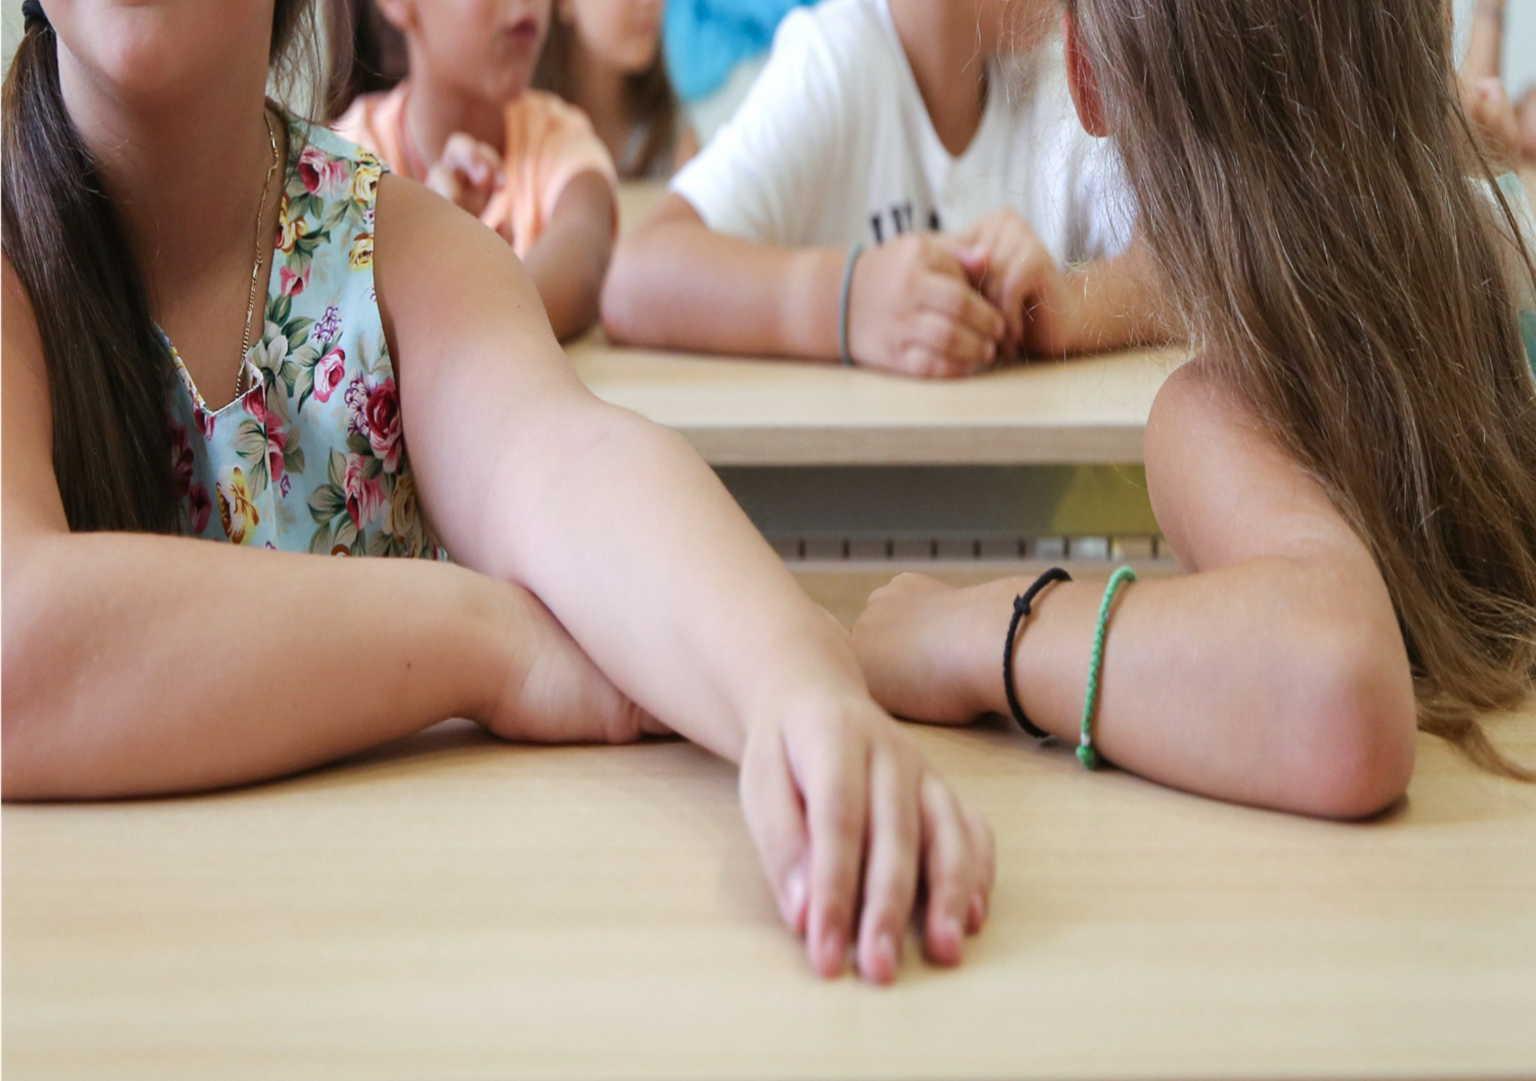 Παγκόσμιος συναγερμός για το σύνδρομο που «χτυπά» παιδιά! Ο κορονοϊός, η νόσος Kawasaki και η ανησυχία